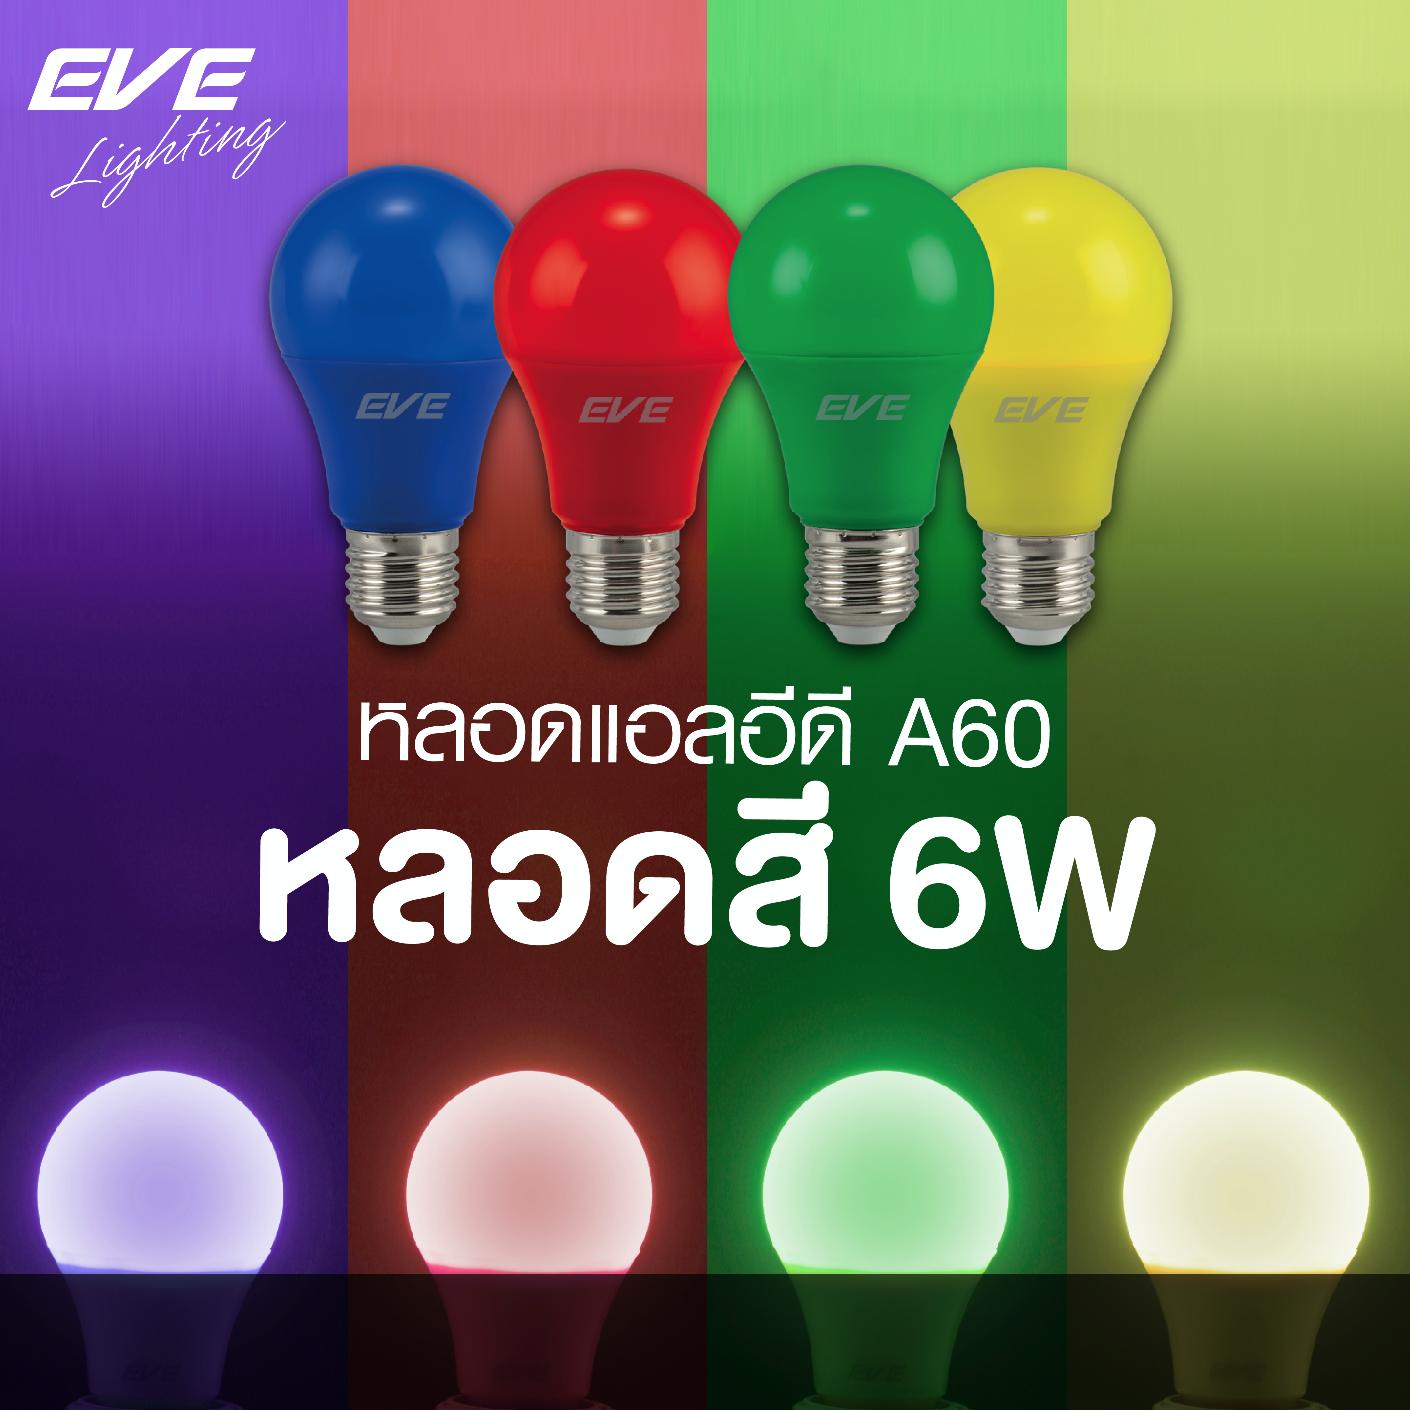 LED A60 Color หลอดแอลอีดี สีน้ำเงิน สีแดง สีเขียว สีเหลือง  6 วัตต์ ขั้ว E27 สำหรับตกแต่งร้านอาหาร ตกแต่งทั่วไป